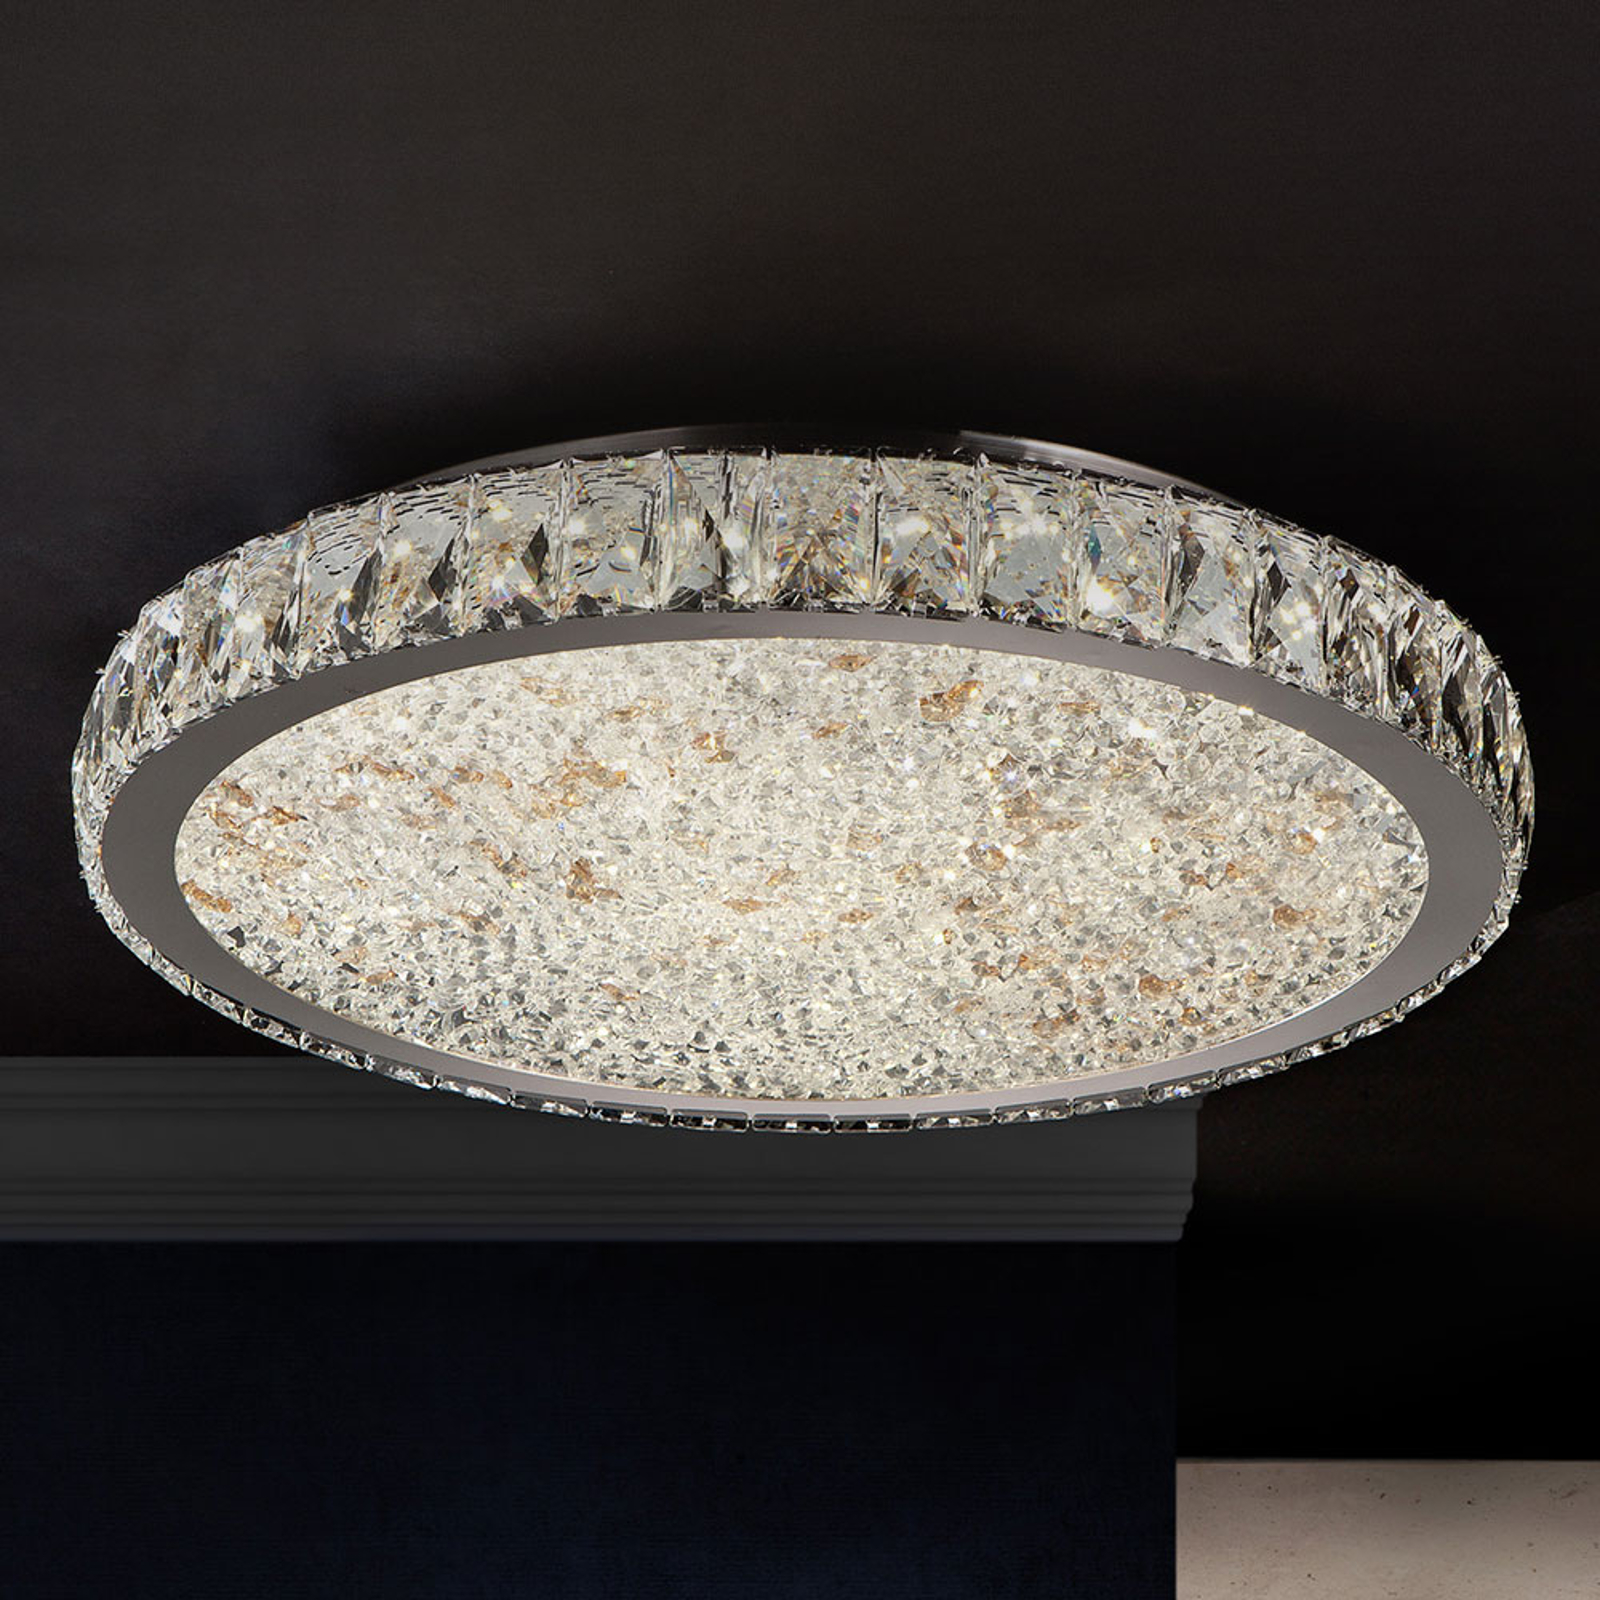 Lampa sufitowa LED Dana, ściemniana, Ø 49 cm